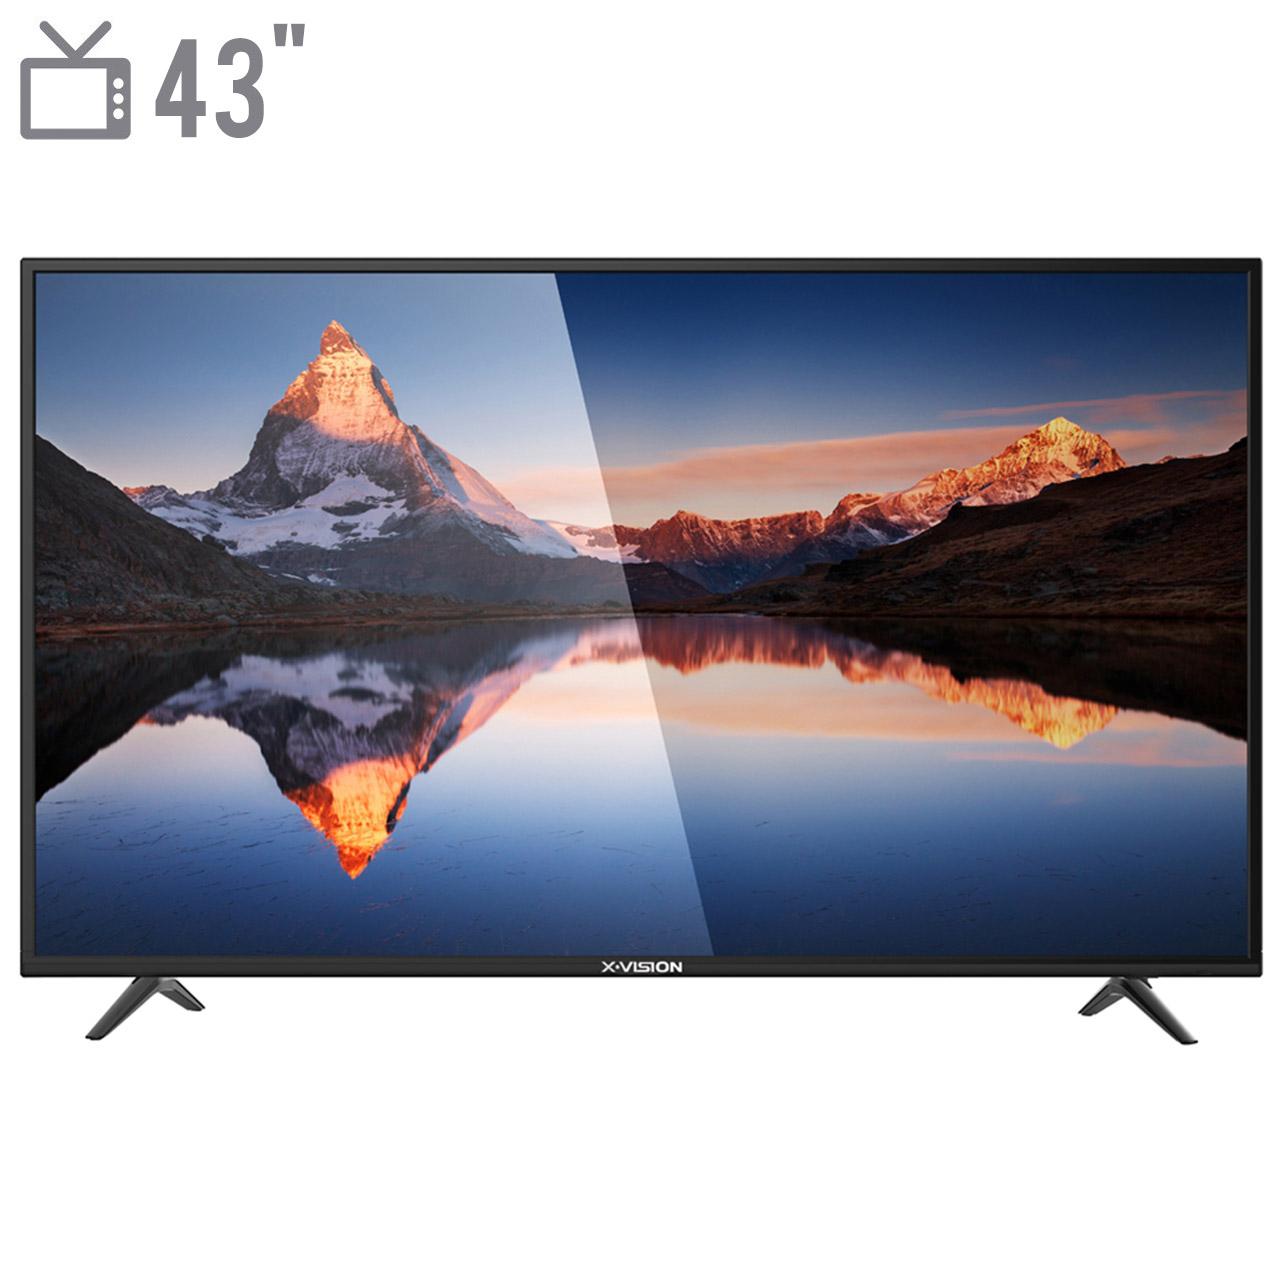 تلویزیون ال ای دی هوشمند ایکس ویژن مدل 43XK565 سایز 43 اینچ